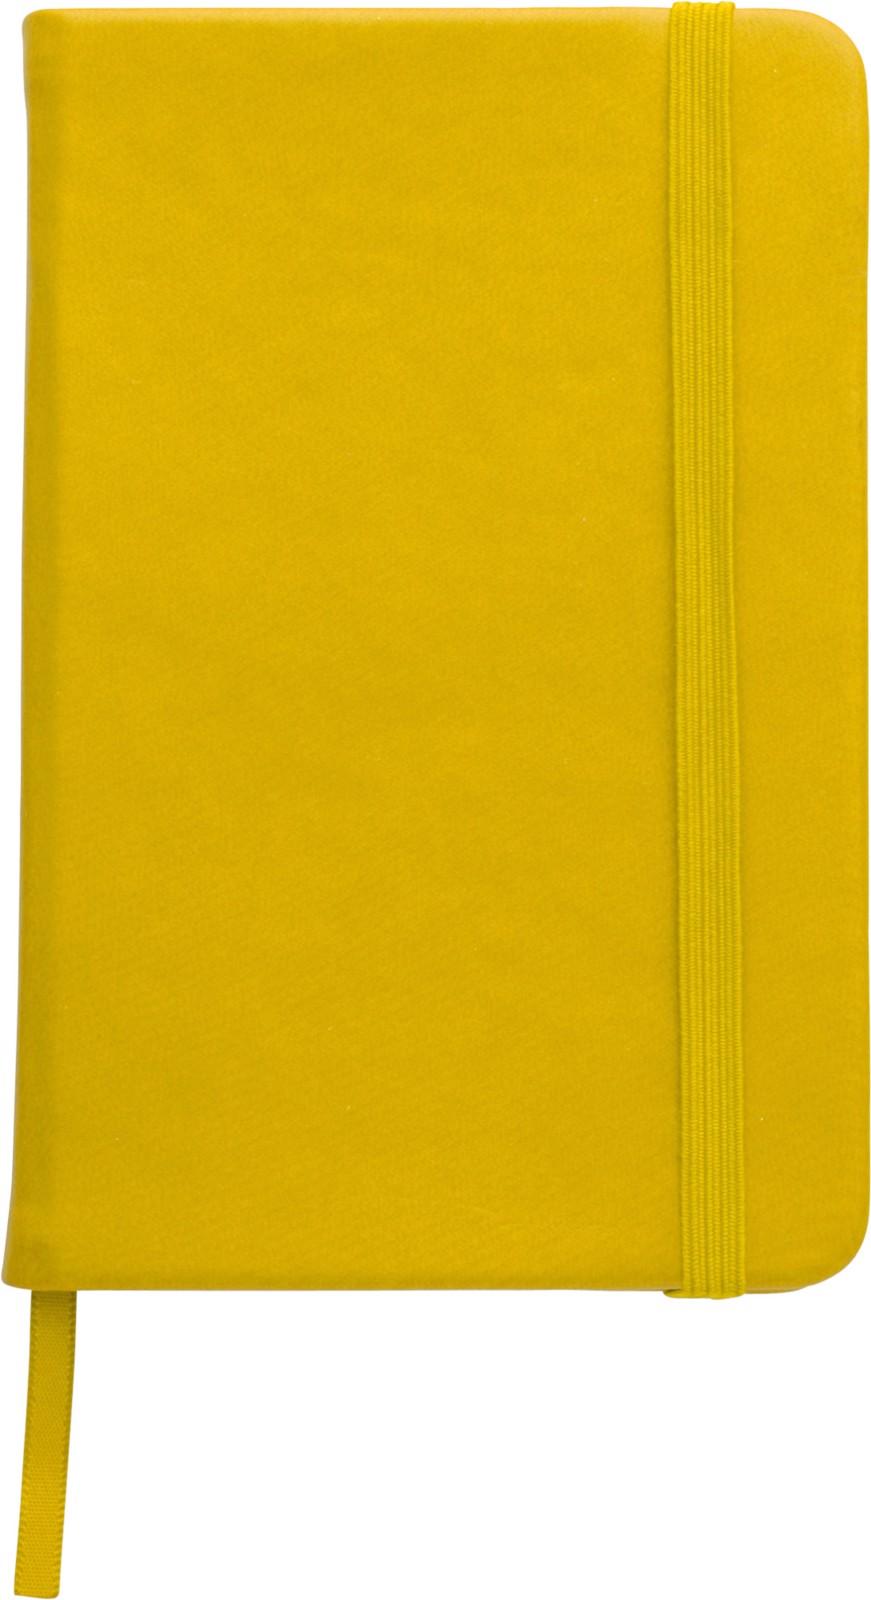 Notizbuch 'Color-Line' A5 aus PU - Yellow